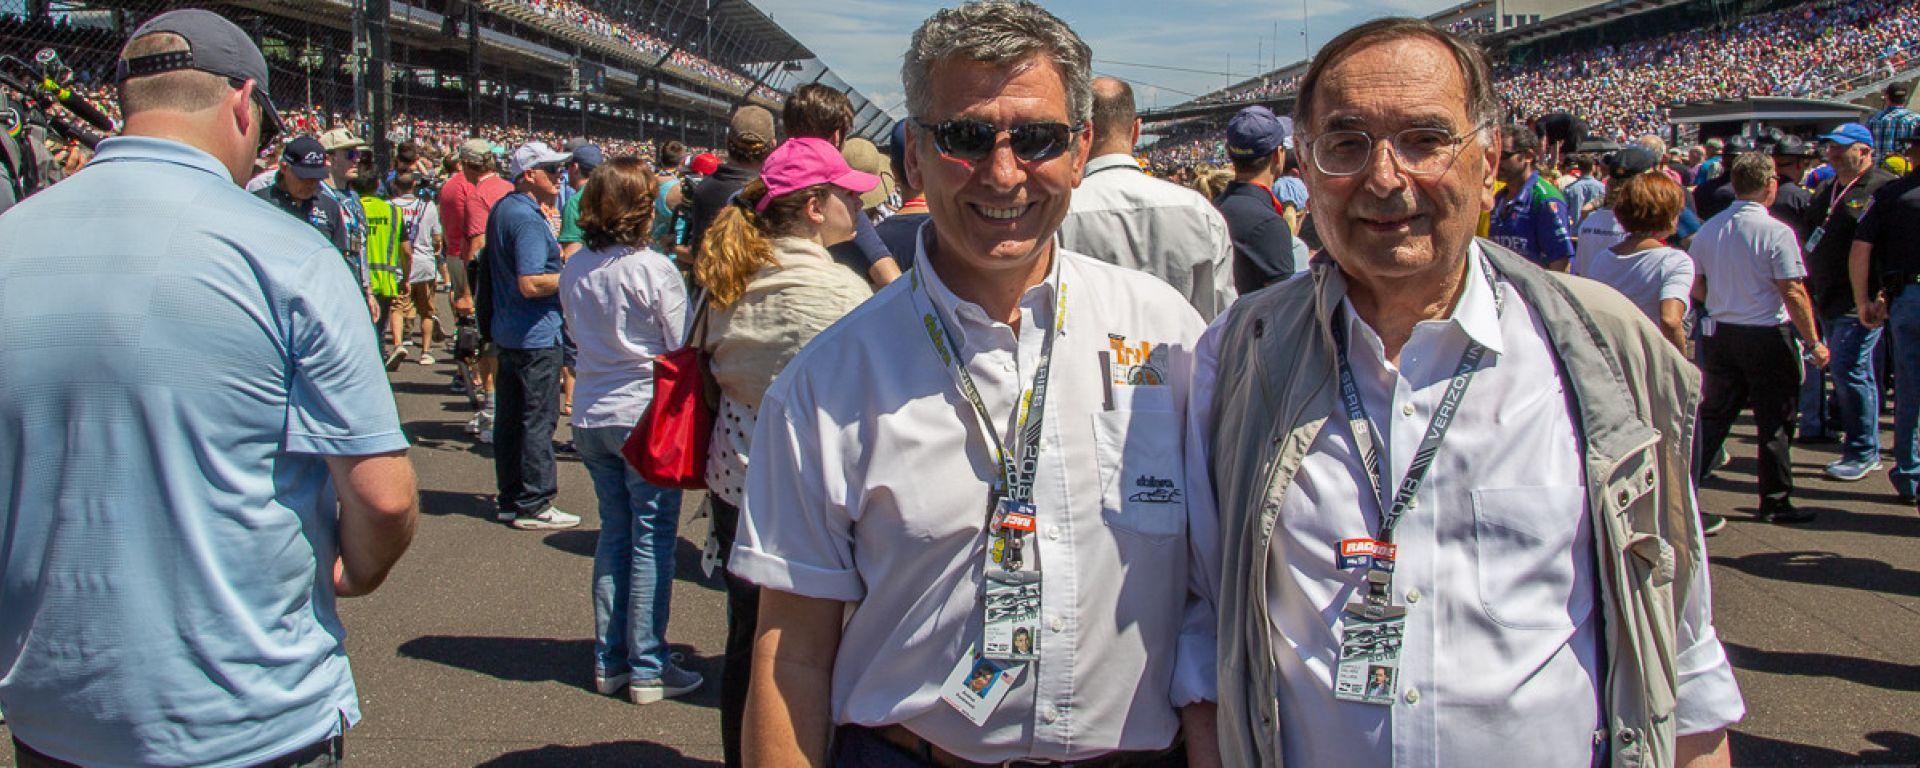 Giampaolo Dallara (a dx) e Andrea Pontremoli (a sx) a Indianapolis 2018. [Foto: Marco Borgo]